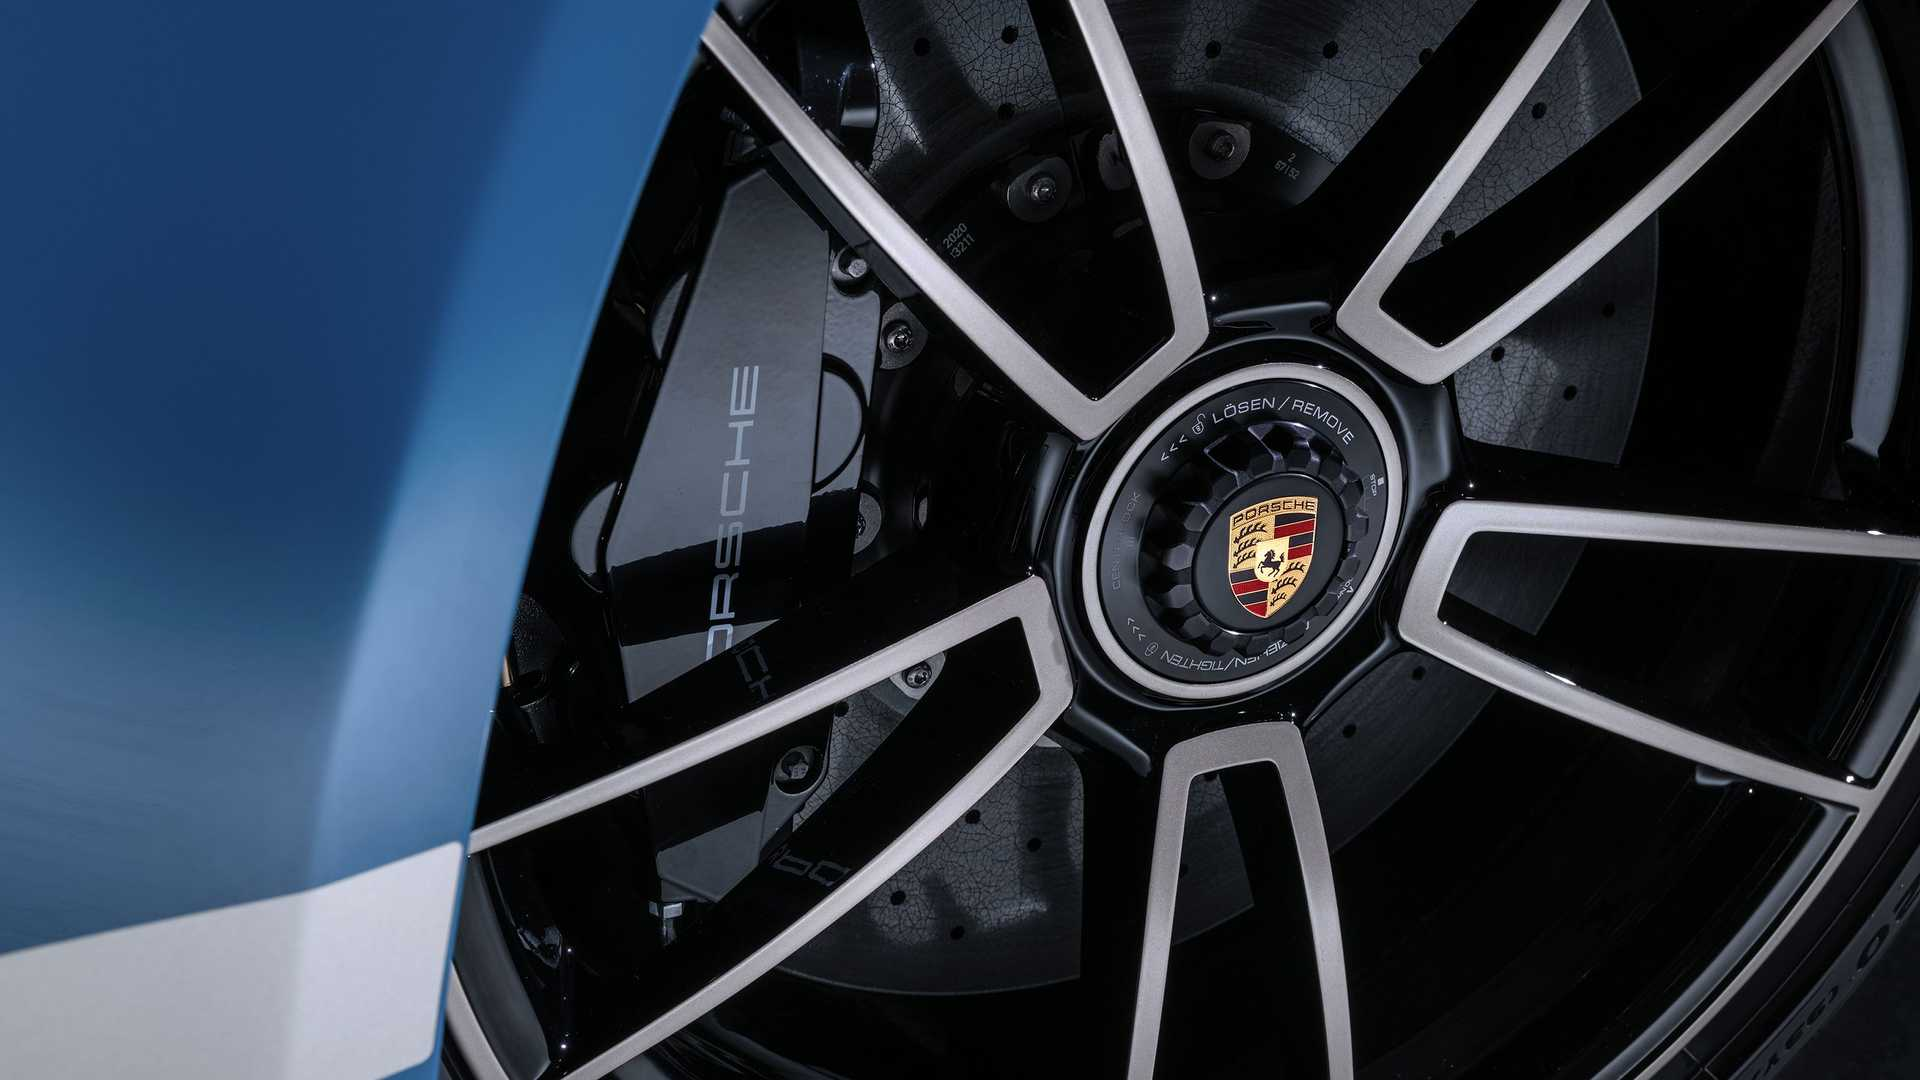 Porsche-911-Turbo-S-20th-Anniversary-Edition-15